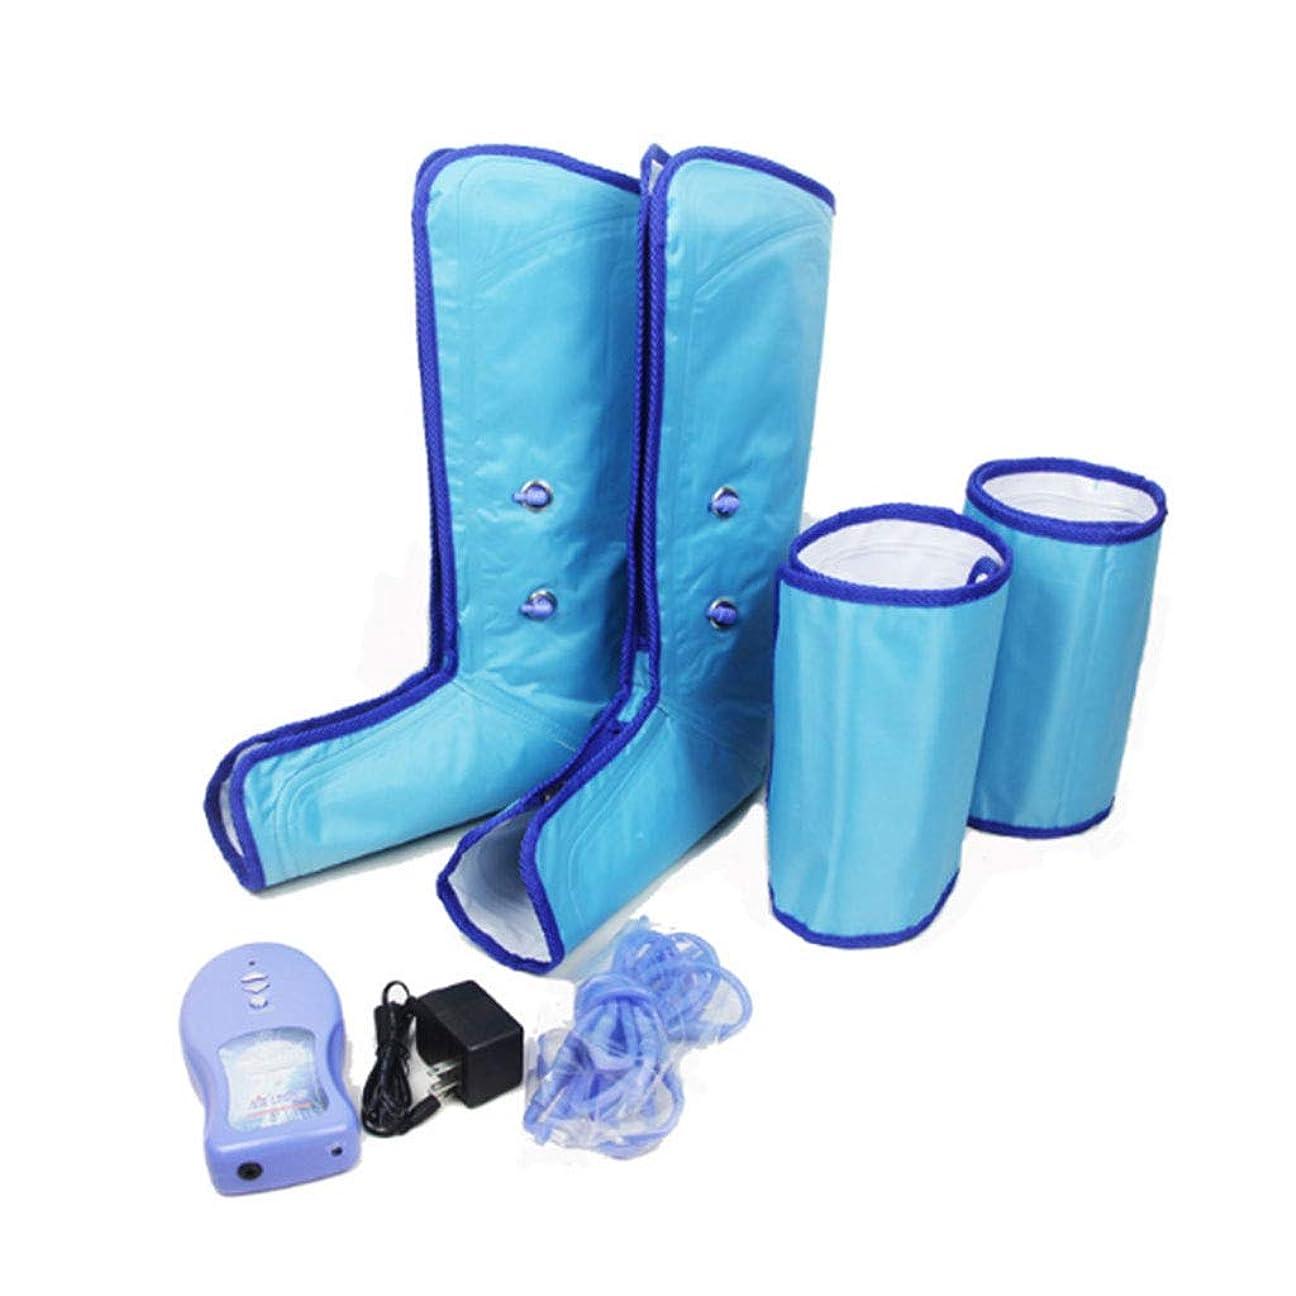 すぐに吐き出すかわいらしい循環および筋肉苦痛救助のための空気圧縮の足覆いのマッサージャー、足のふくらはぎおよび腿の循環のMassagetherapyの足の暖かい人